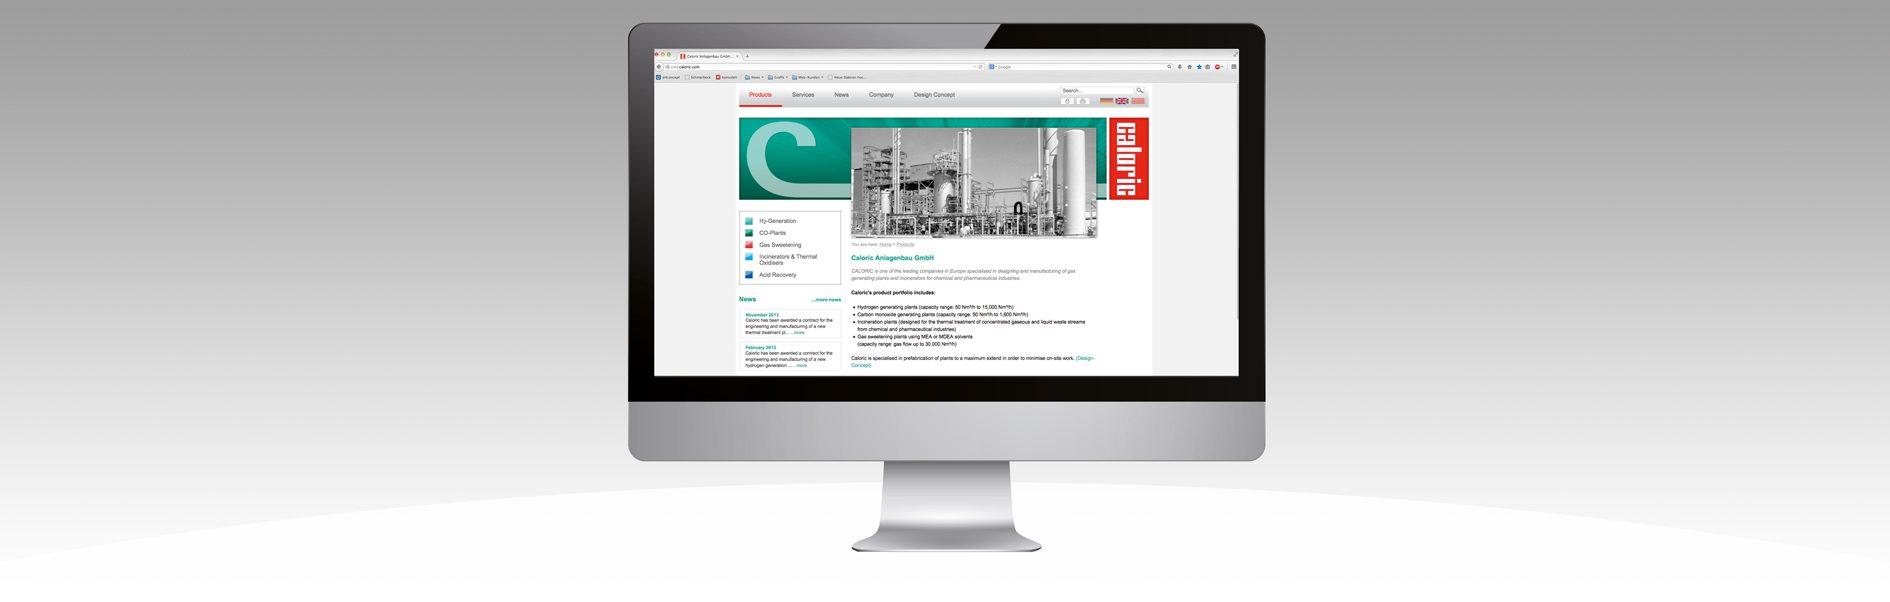 Hier ist der Internetauftritt unseres Kunden Caloric abgebildet.